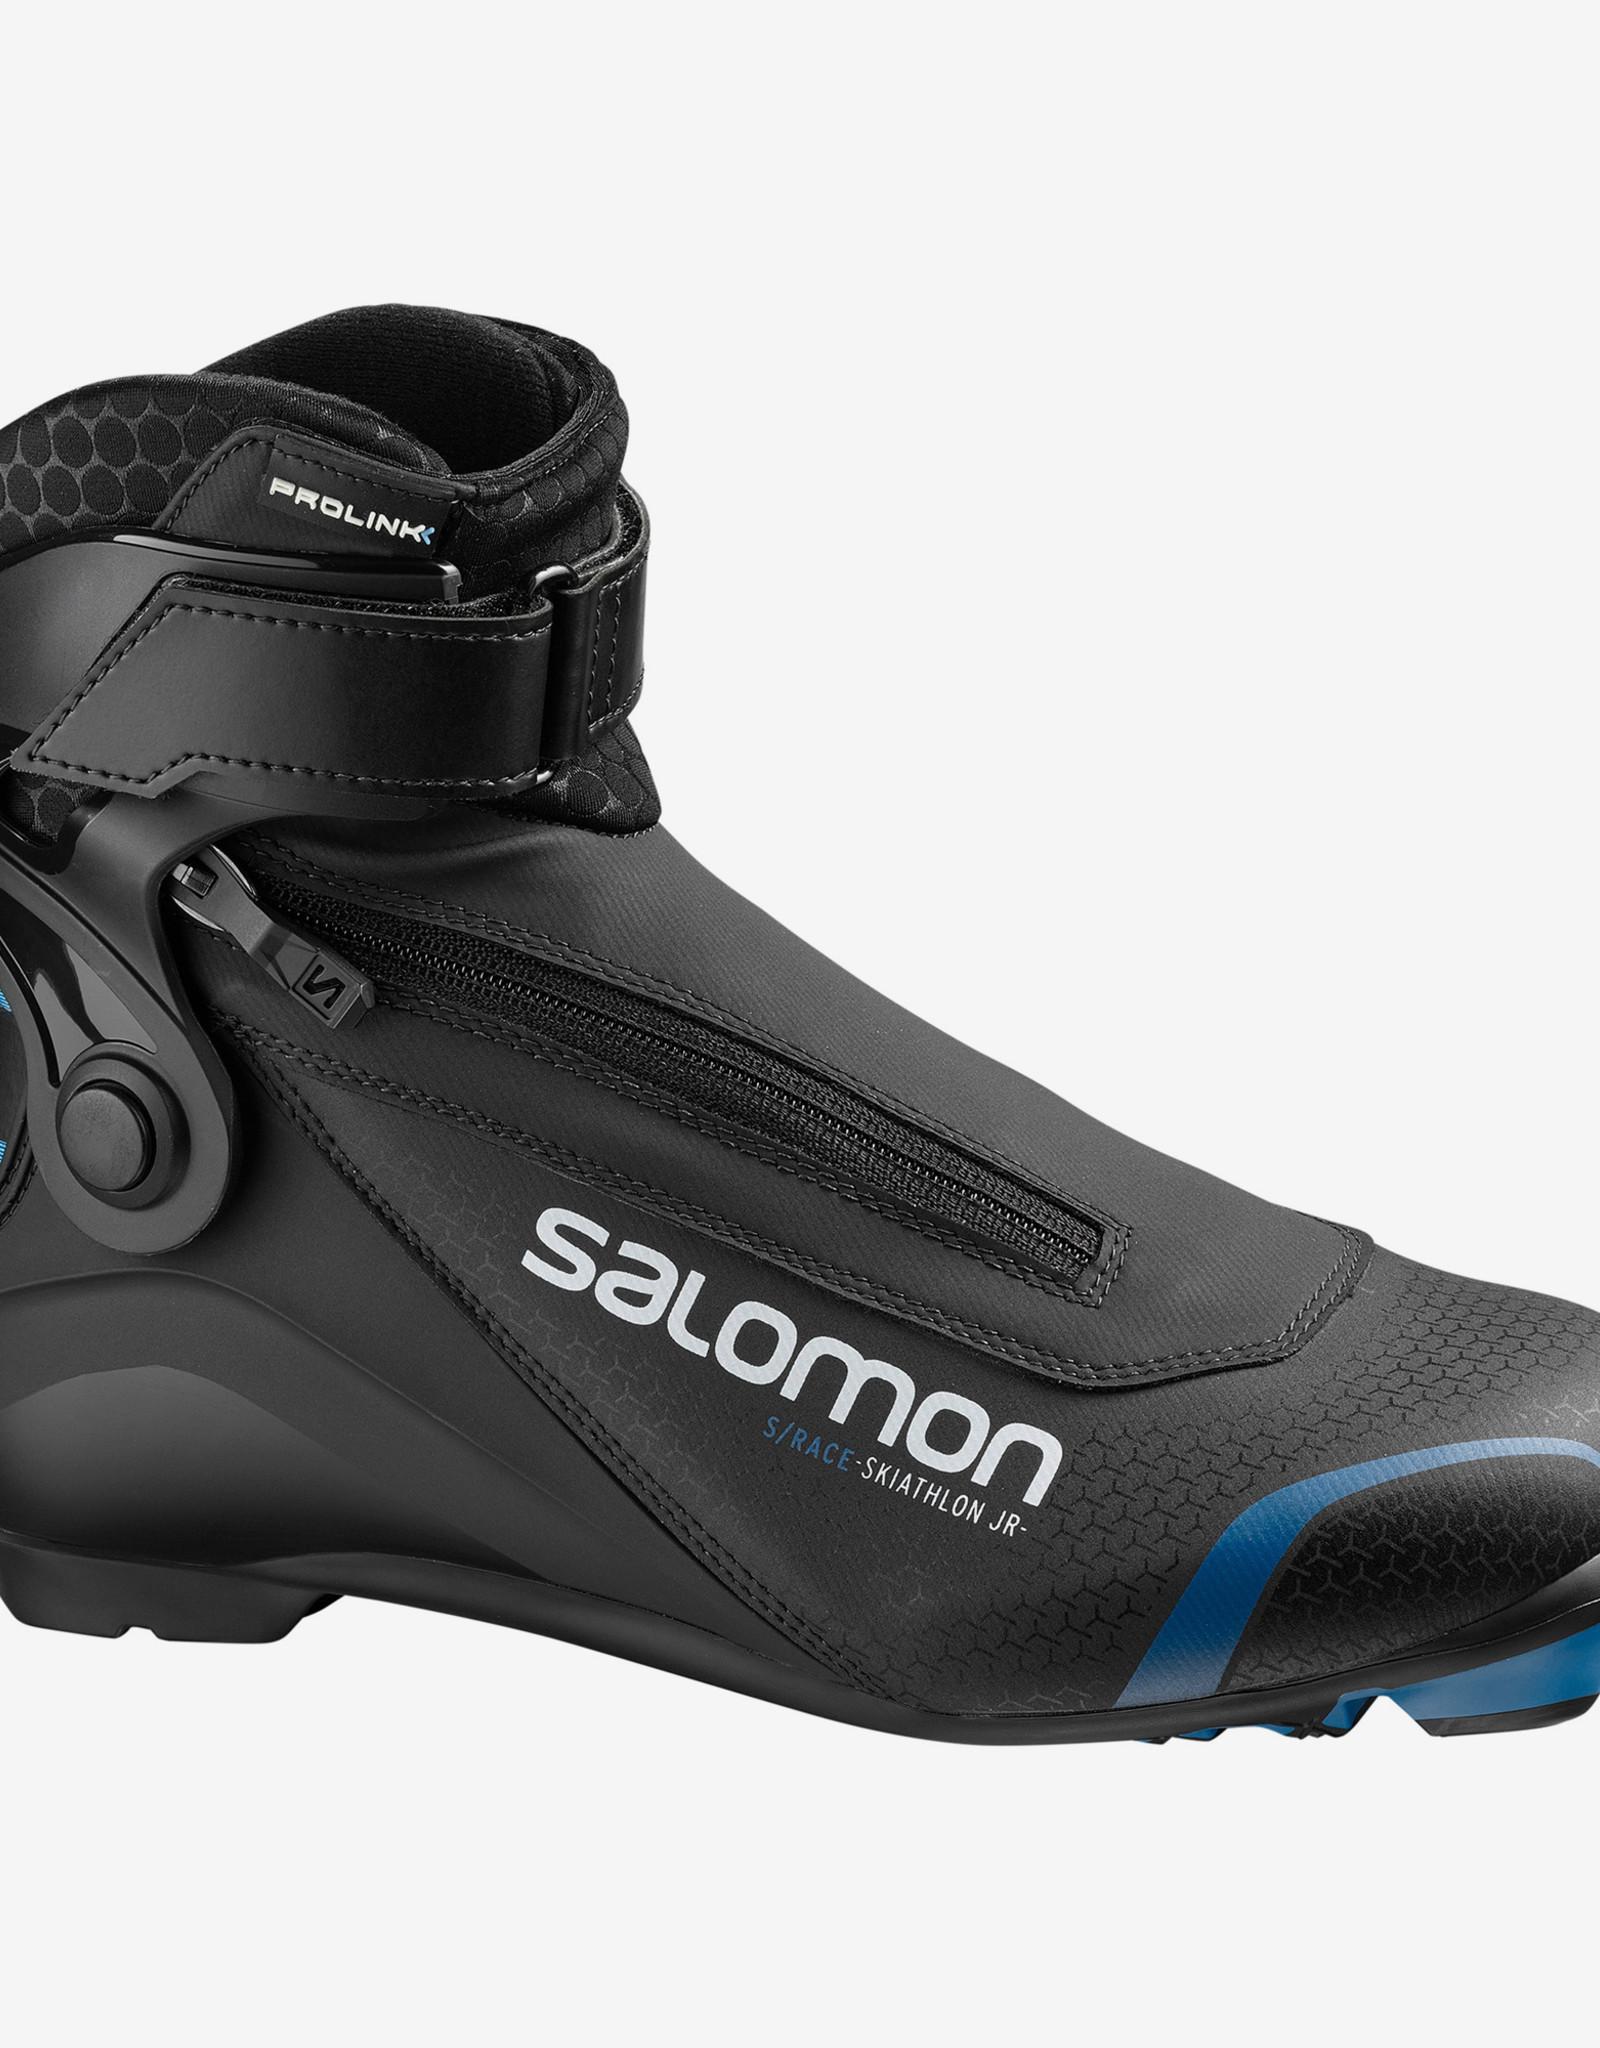 Salomon Skiathlon Junior Prolink